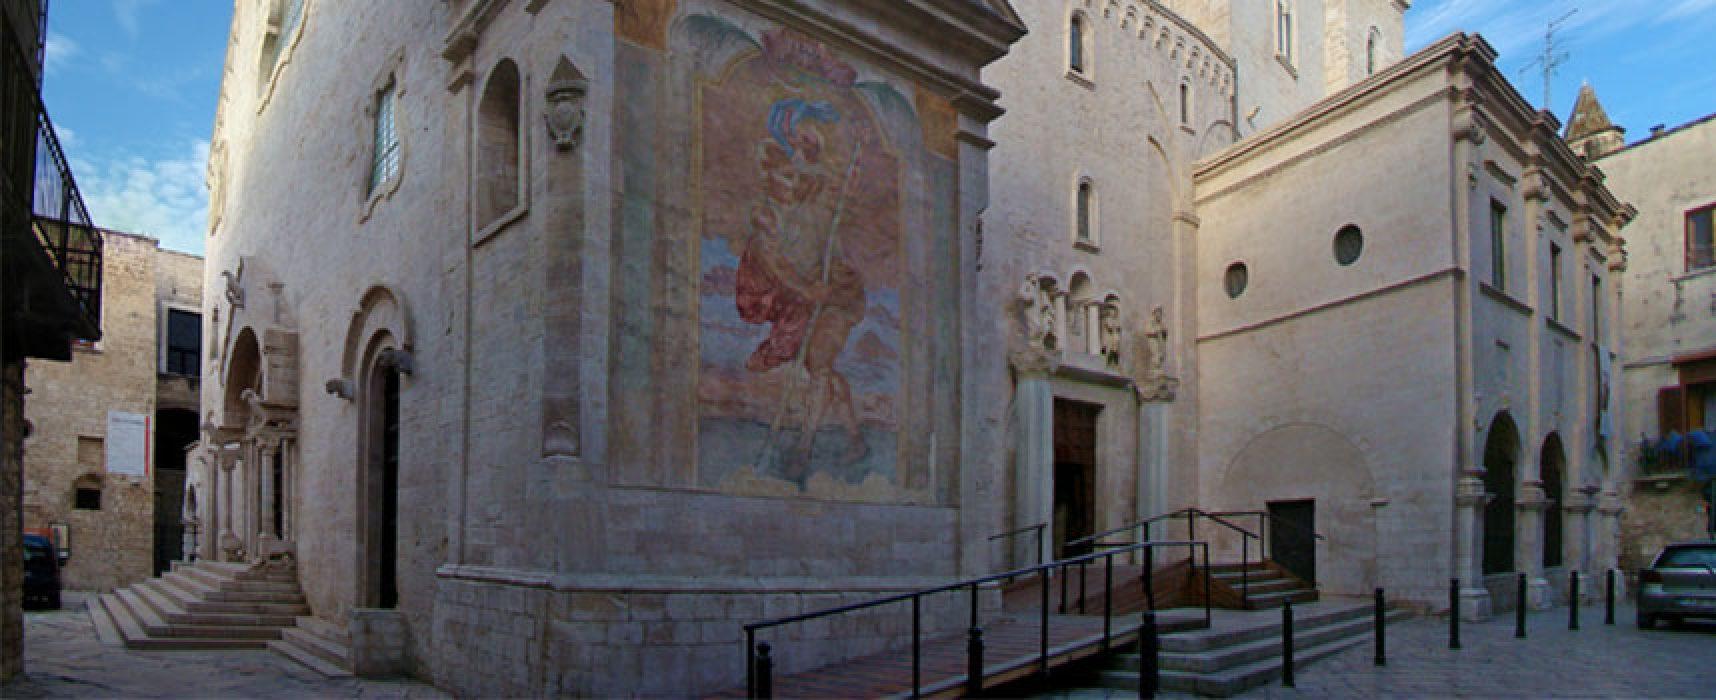 A Bisceglie mostra di diorami pasquali in piazza Duomo